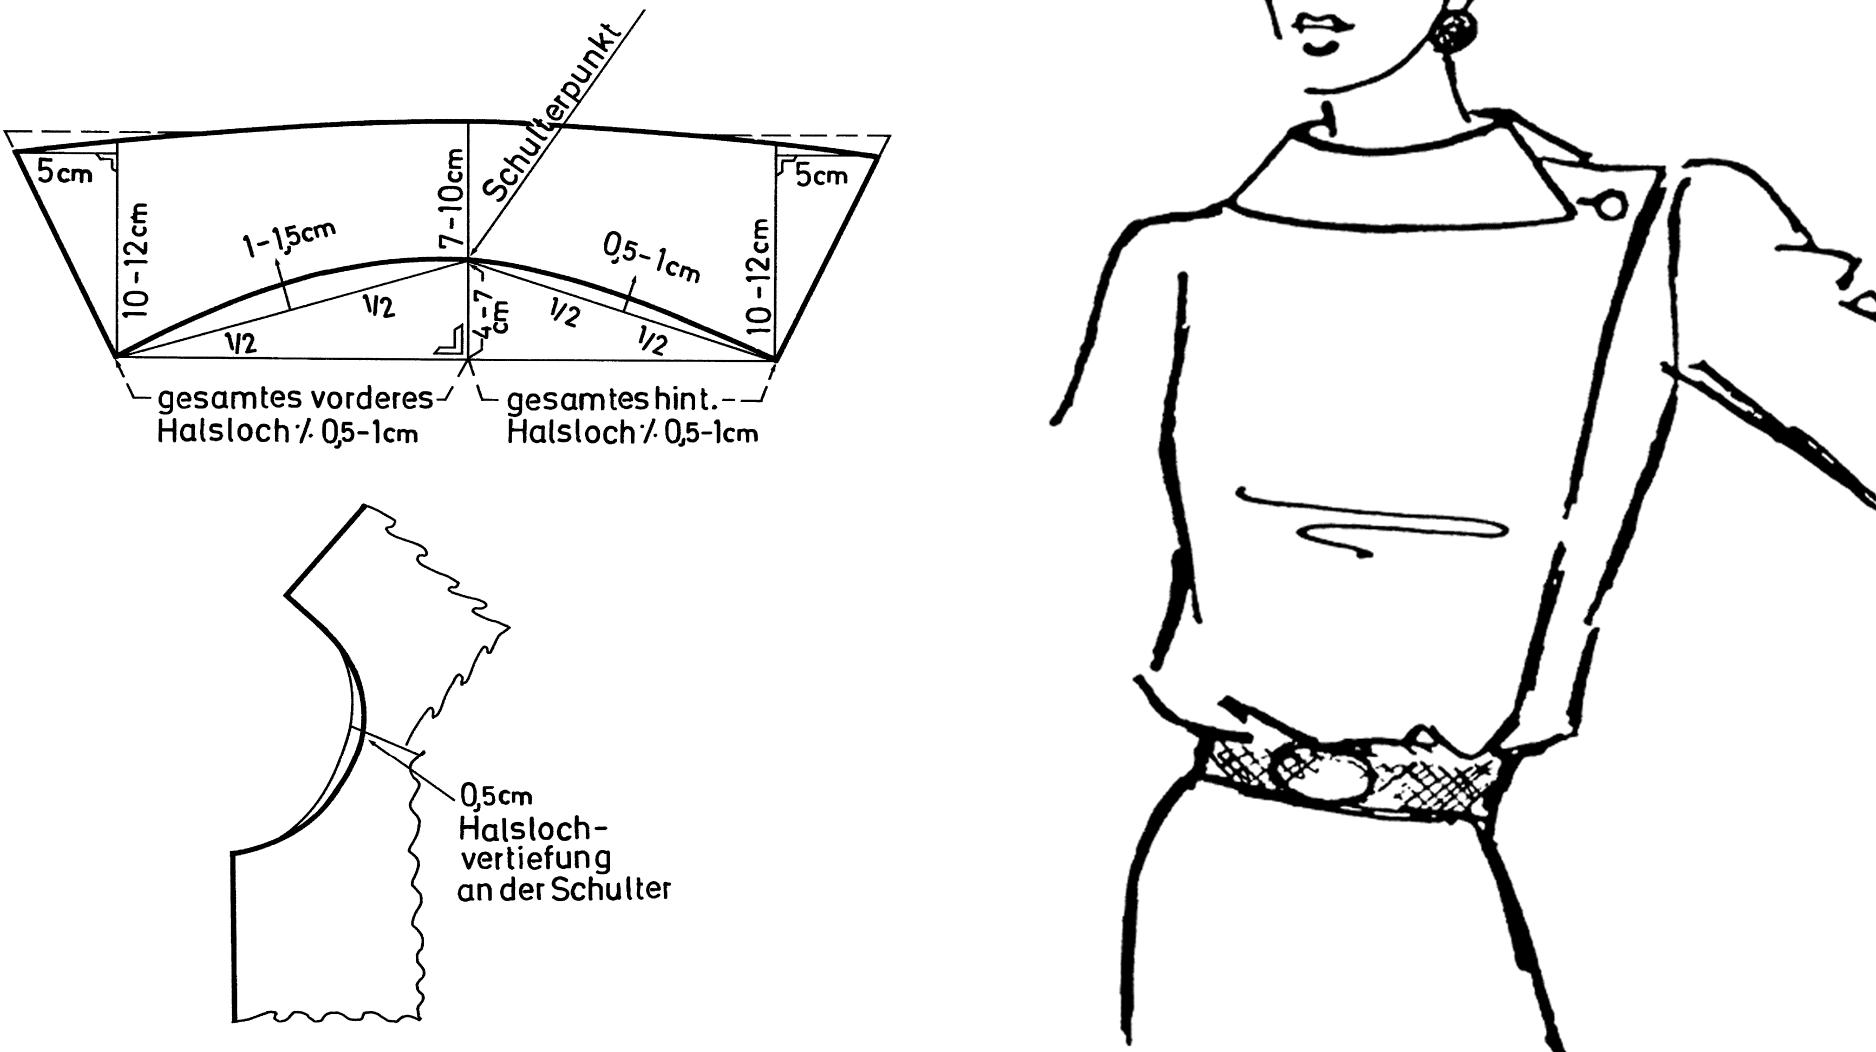 Zu sehen ist die Schnitt-Technik eines einseitig geschlossenen Kragens.